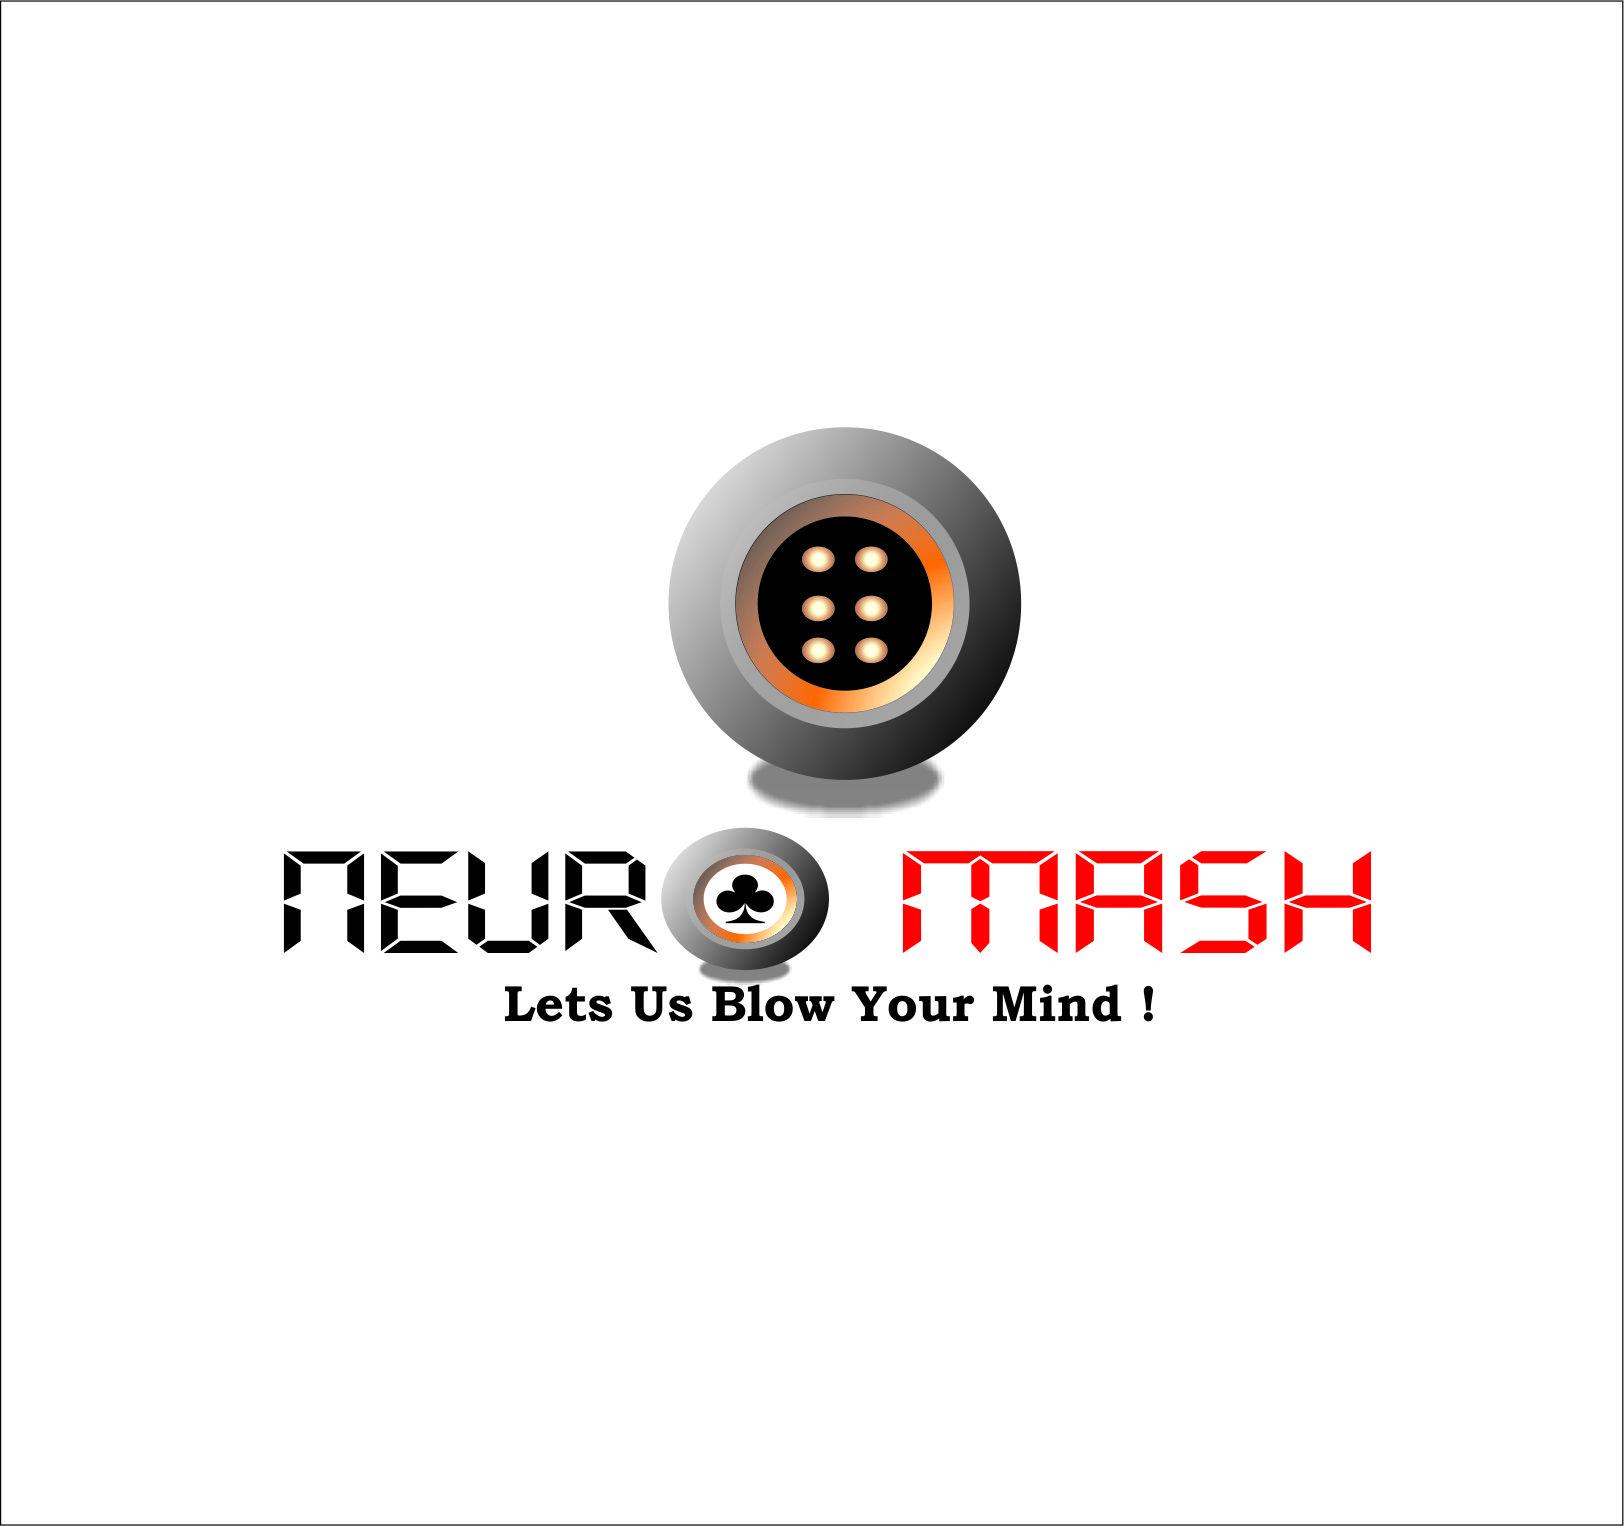 Logo Design by Agus Martoyo - Entry No. 54 in the Logo Design Contest Unique Logo Design Wanted for NeuroMash.